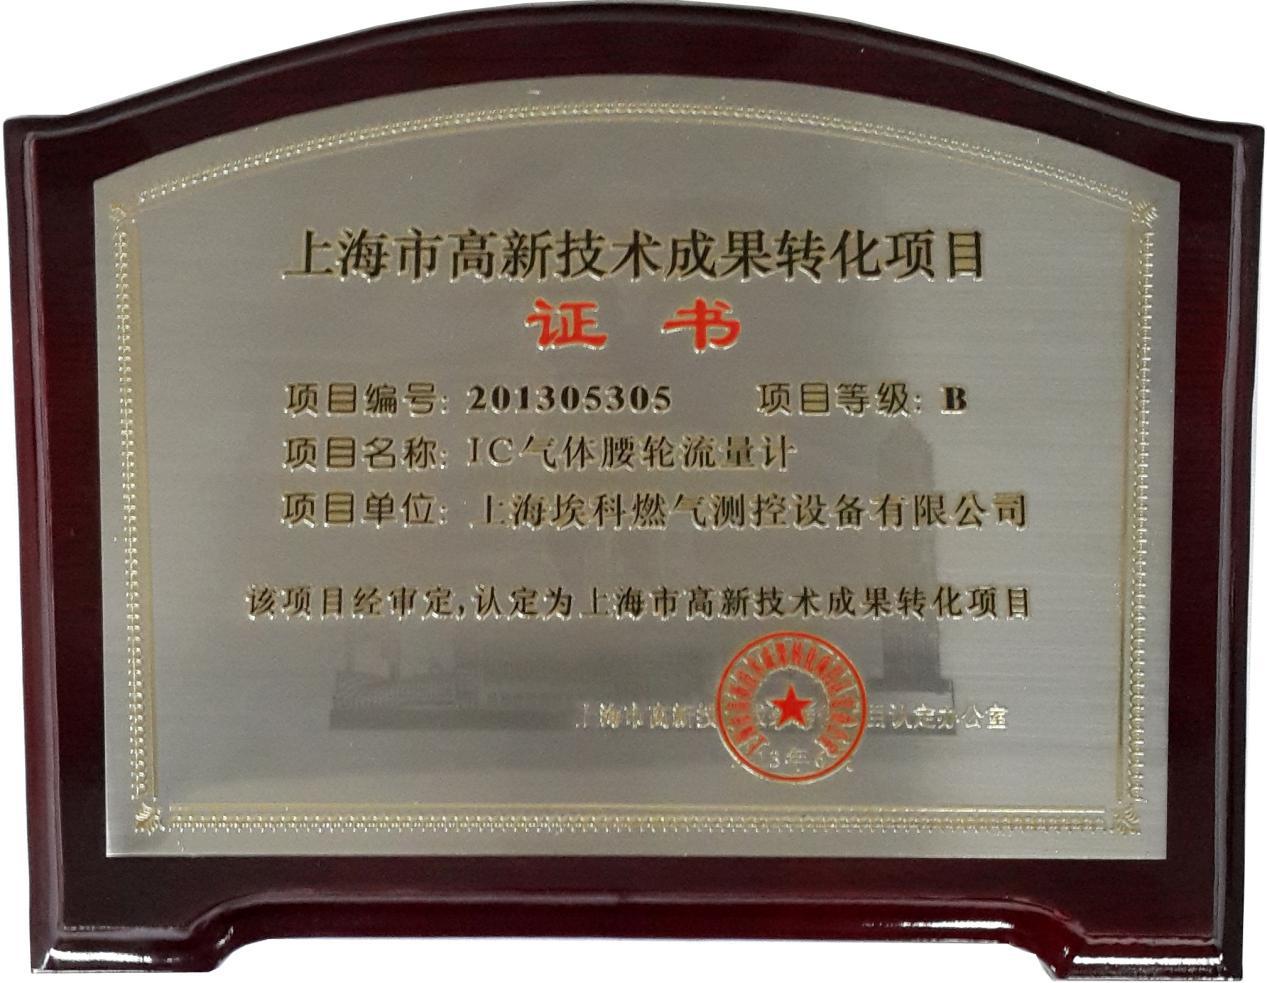 上海市高新技術成果轉化項目證書